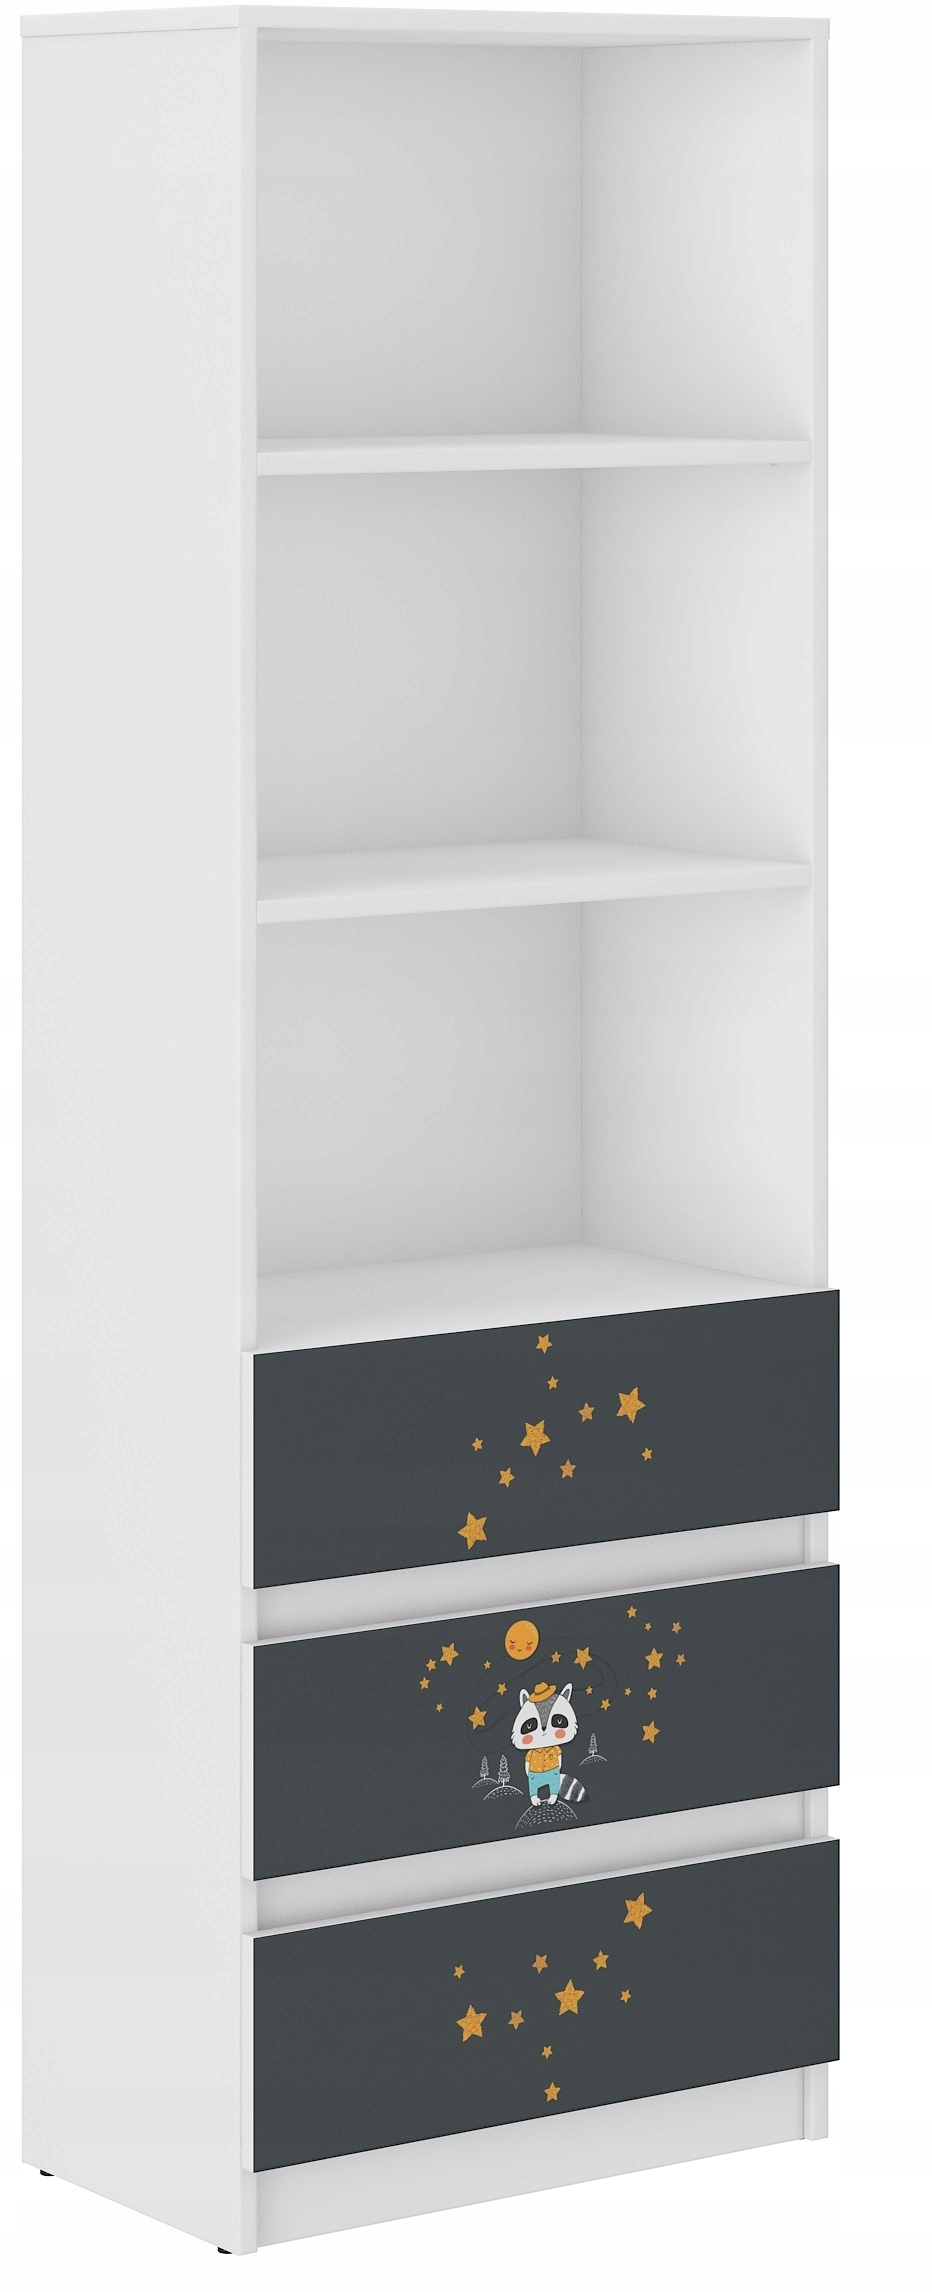 Книжный шкаф B-3 МНОГО ДИЗАЙНОВ 3 ЯЩИКА 3 ПОЛКИ БЕЛЫЙ